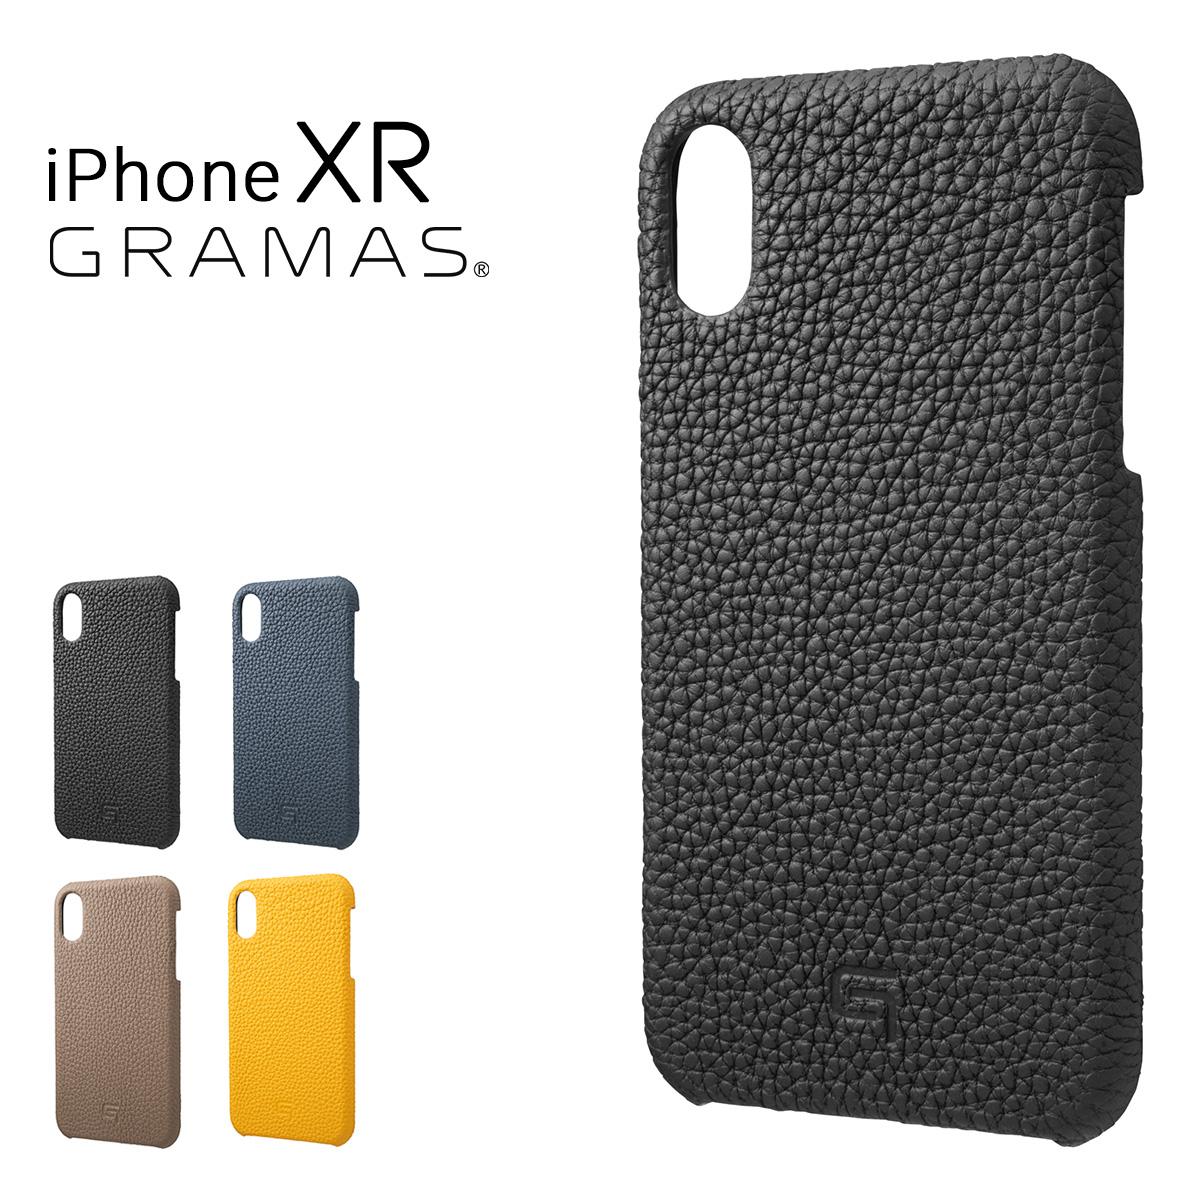 グラマス iPhoneXR ケース メンズ レディースGSC-72558 GRAMAS | スマートフォンケース 本革[bef][即日発送]